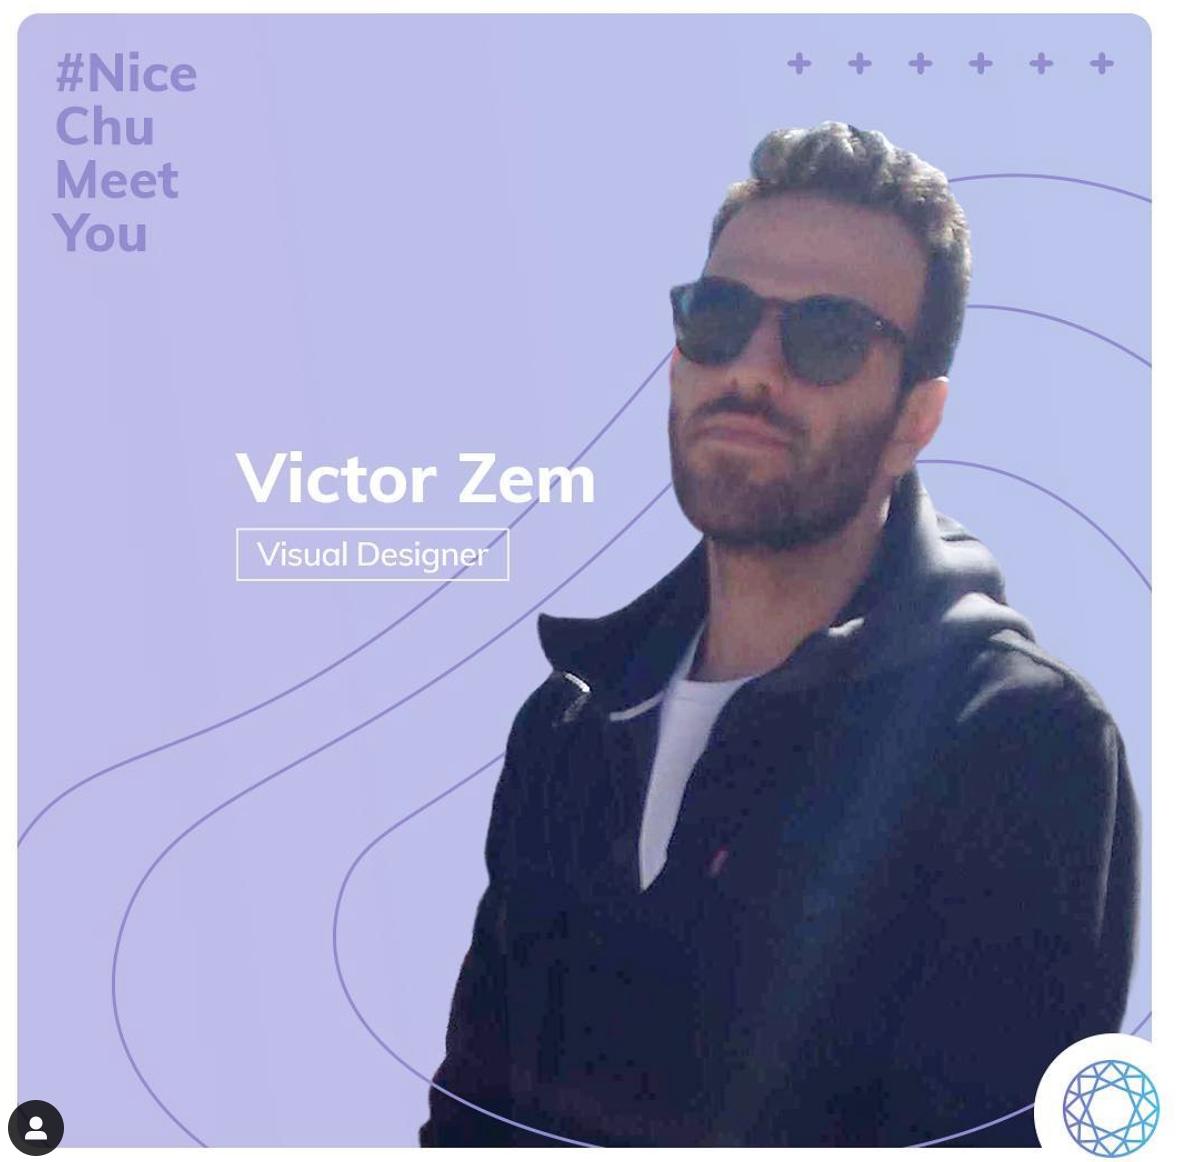 Victor Zem